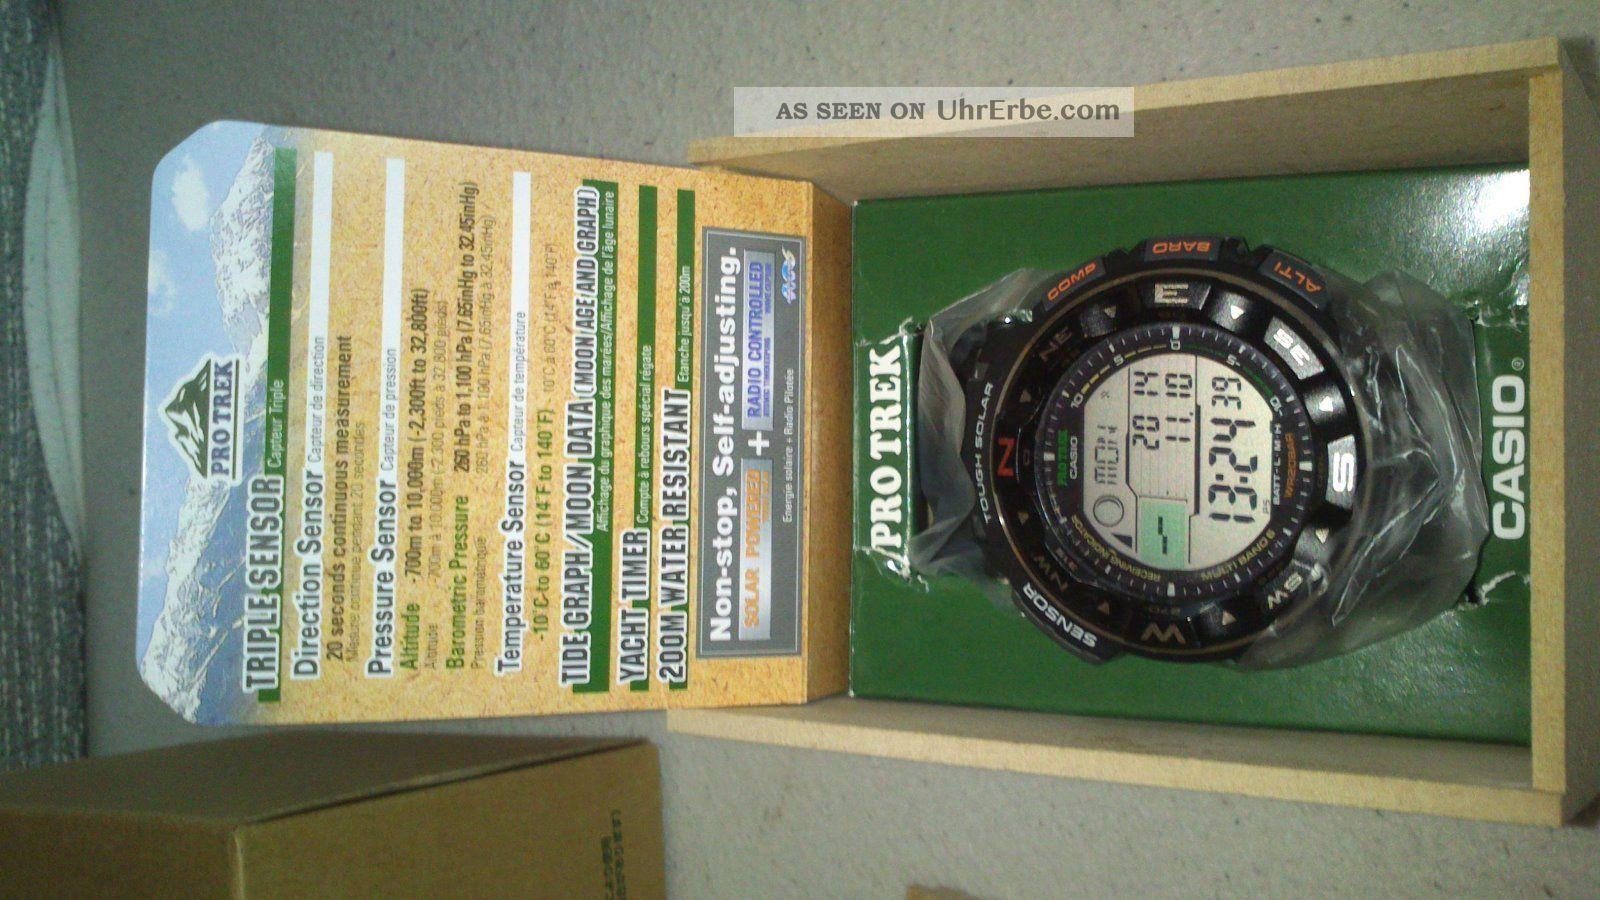 Casio Pro Trek Prw - 2500 - 1er Neuwertig Inkl Ovp Armbanduhren Bild